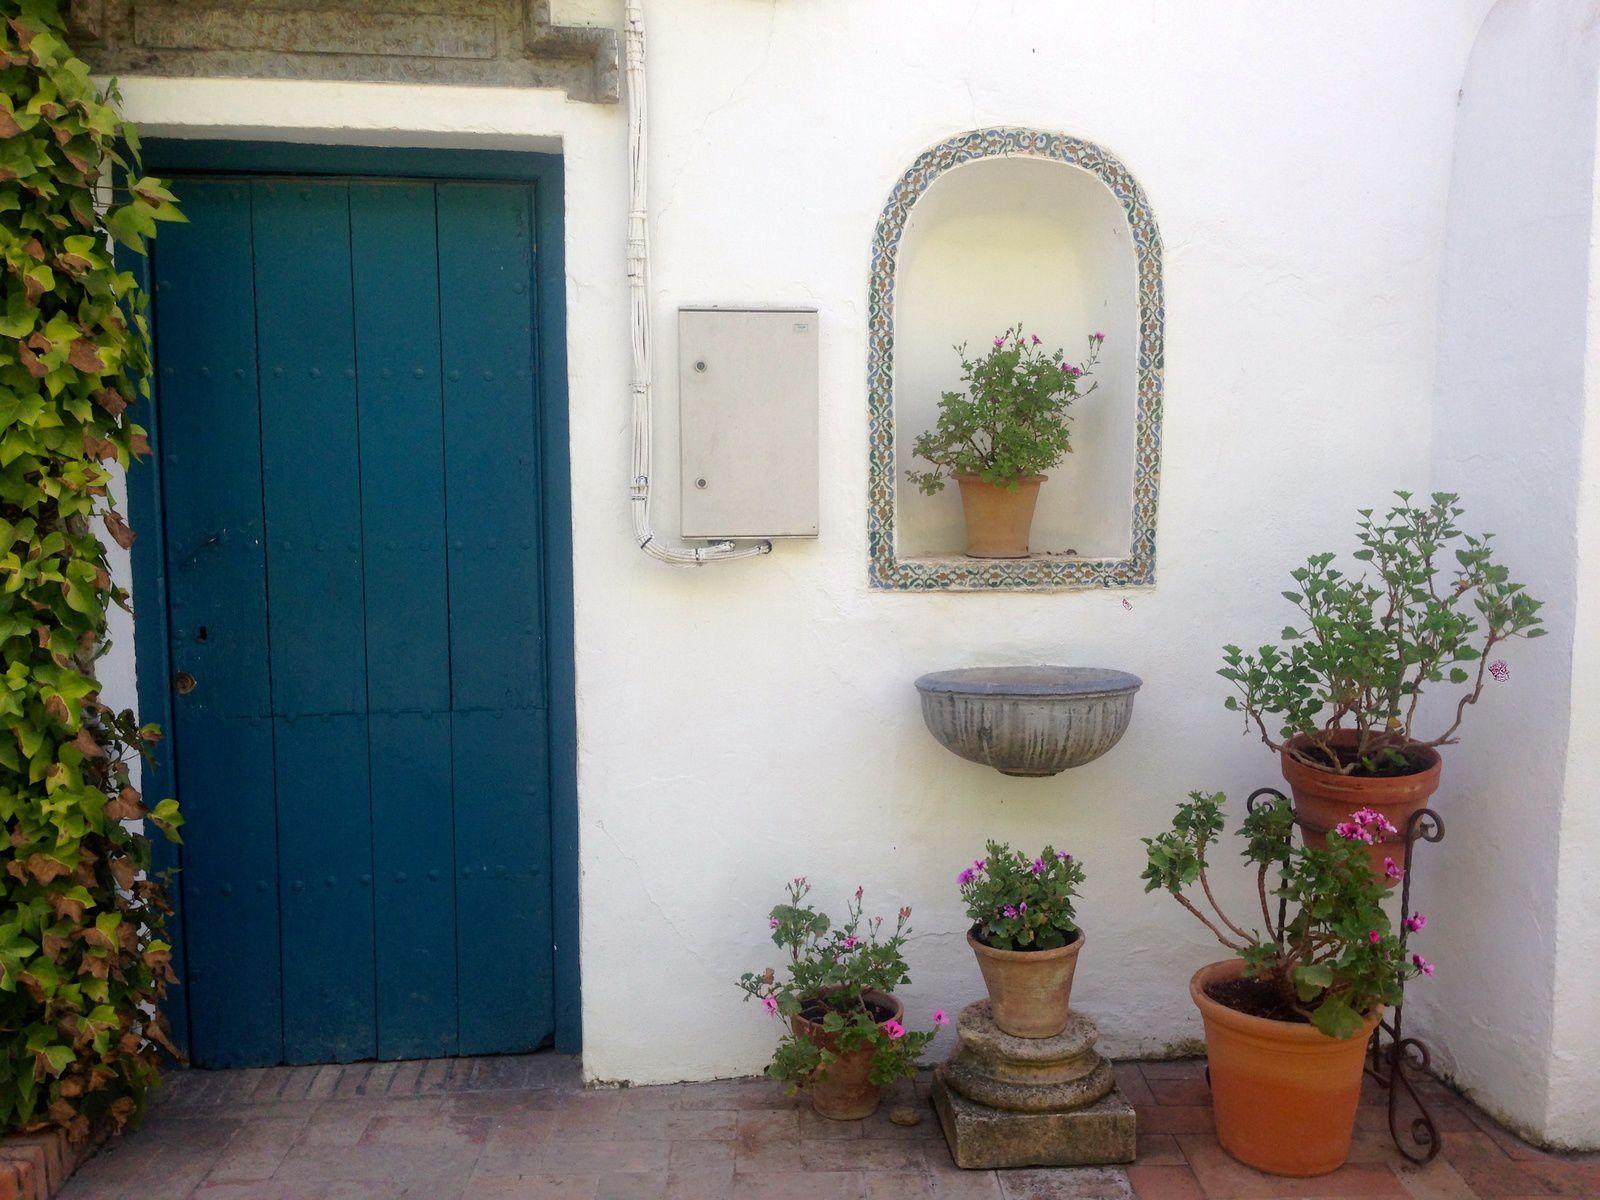 Patios de Viana - Cordoue - Andalousie